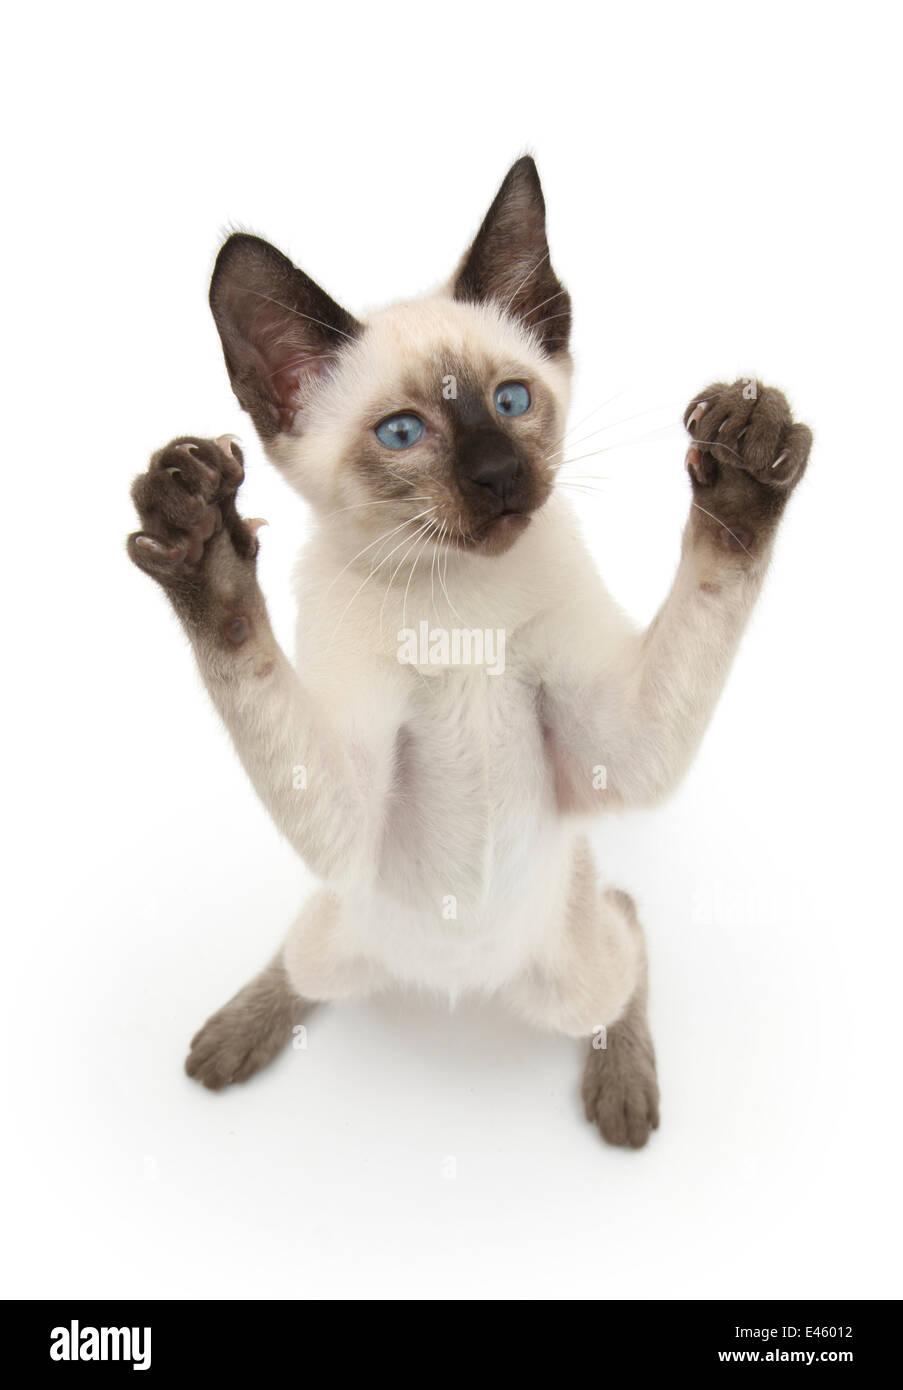 Siamese kitten, 10 weeks, reaching up. - Stock Image